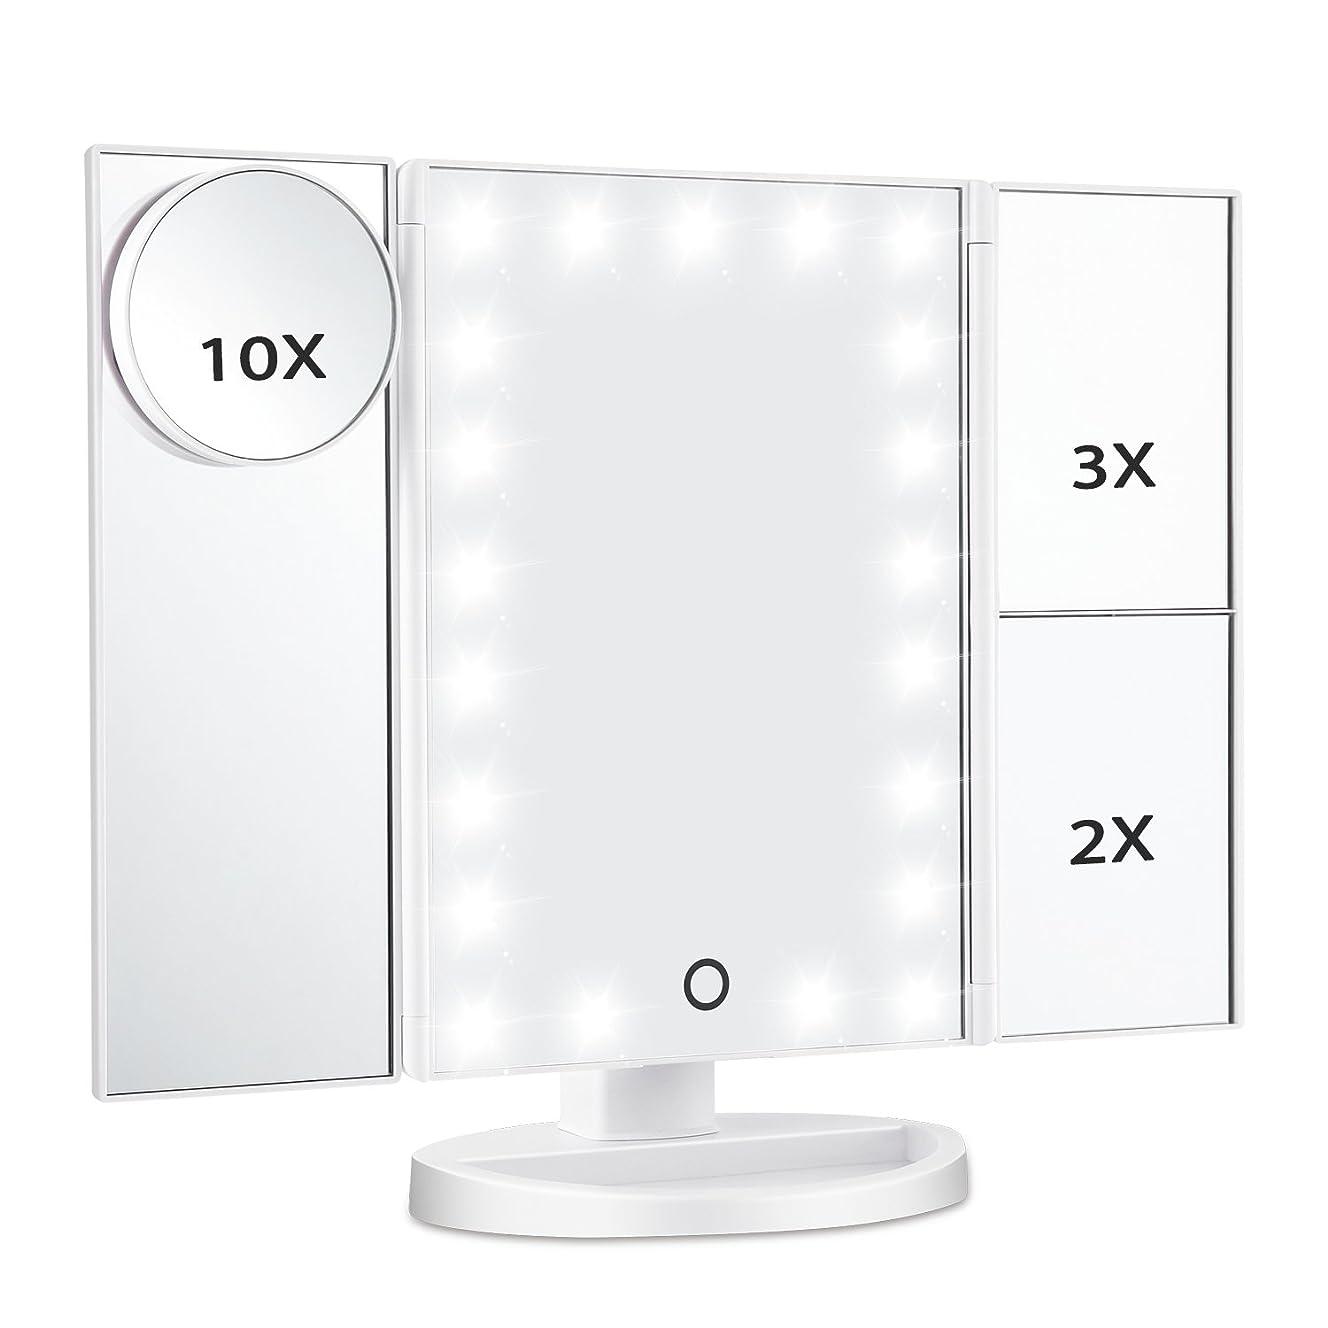 滞在斧思春期Magicfly 化粧鏡 LED三面鏡 ミラー 折り畳み式 10X /3X/2X拡大鏡付き 明るさ調節可能180°回転 電池/USB 2WAY給電(ホワイト)